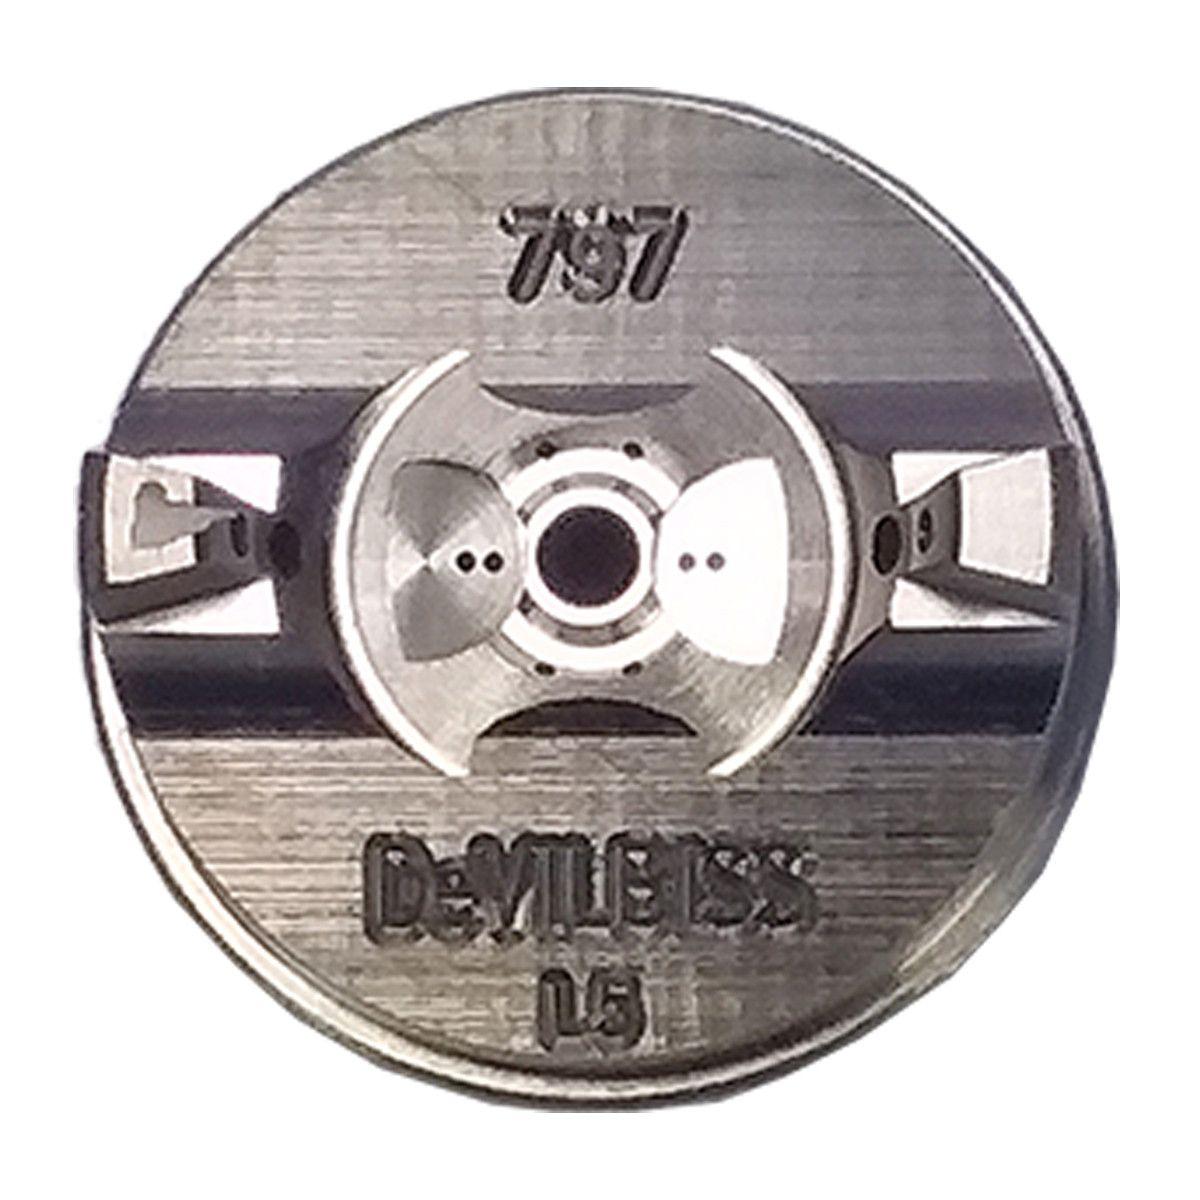 CAPA DE AR AV-1239-797 - DEVILBISS